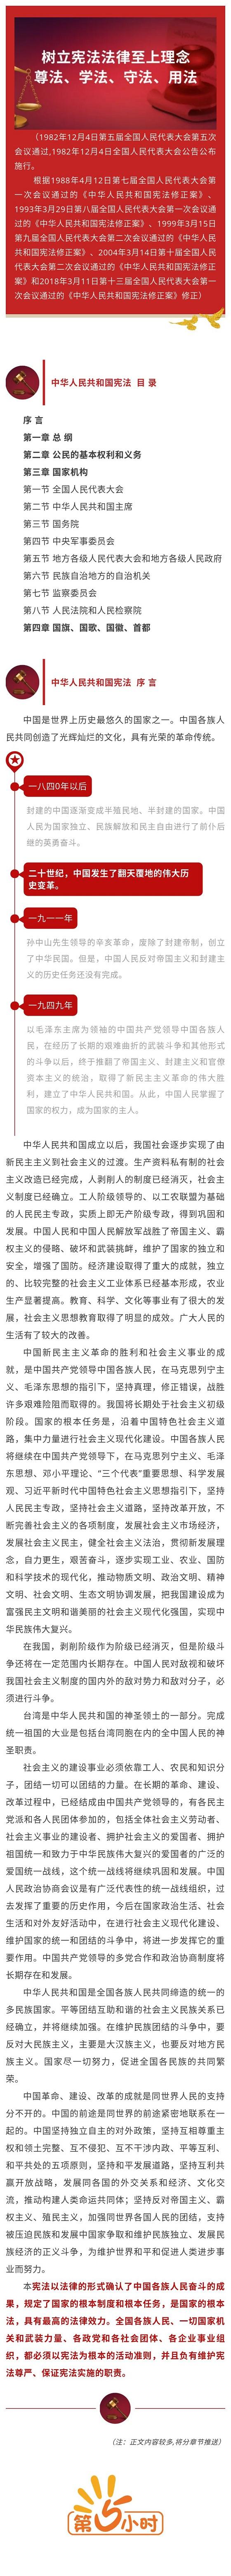 《中华人民共和国宪法》(序言).jpg